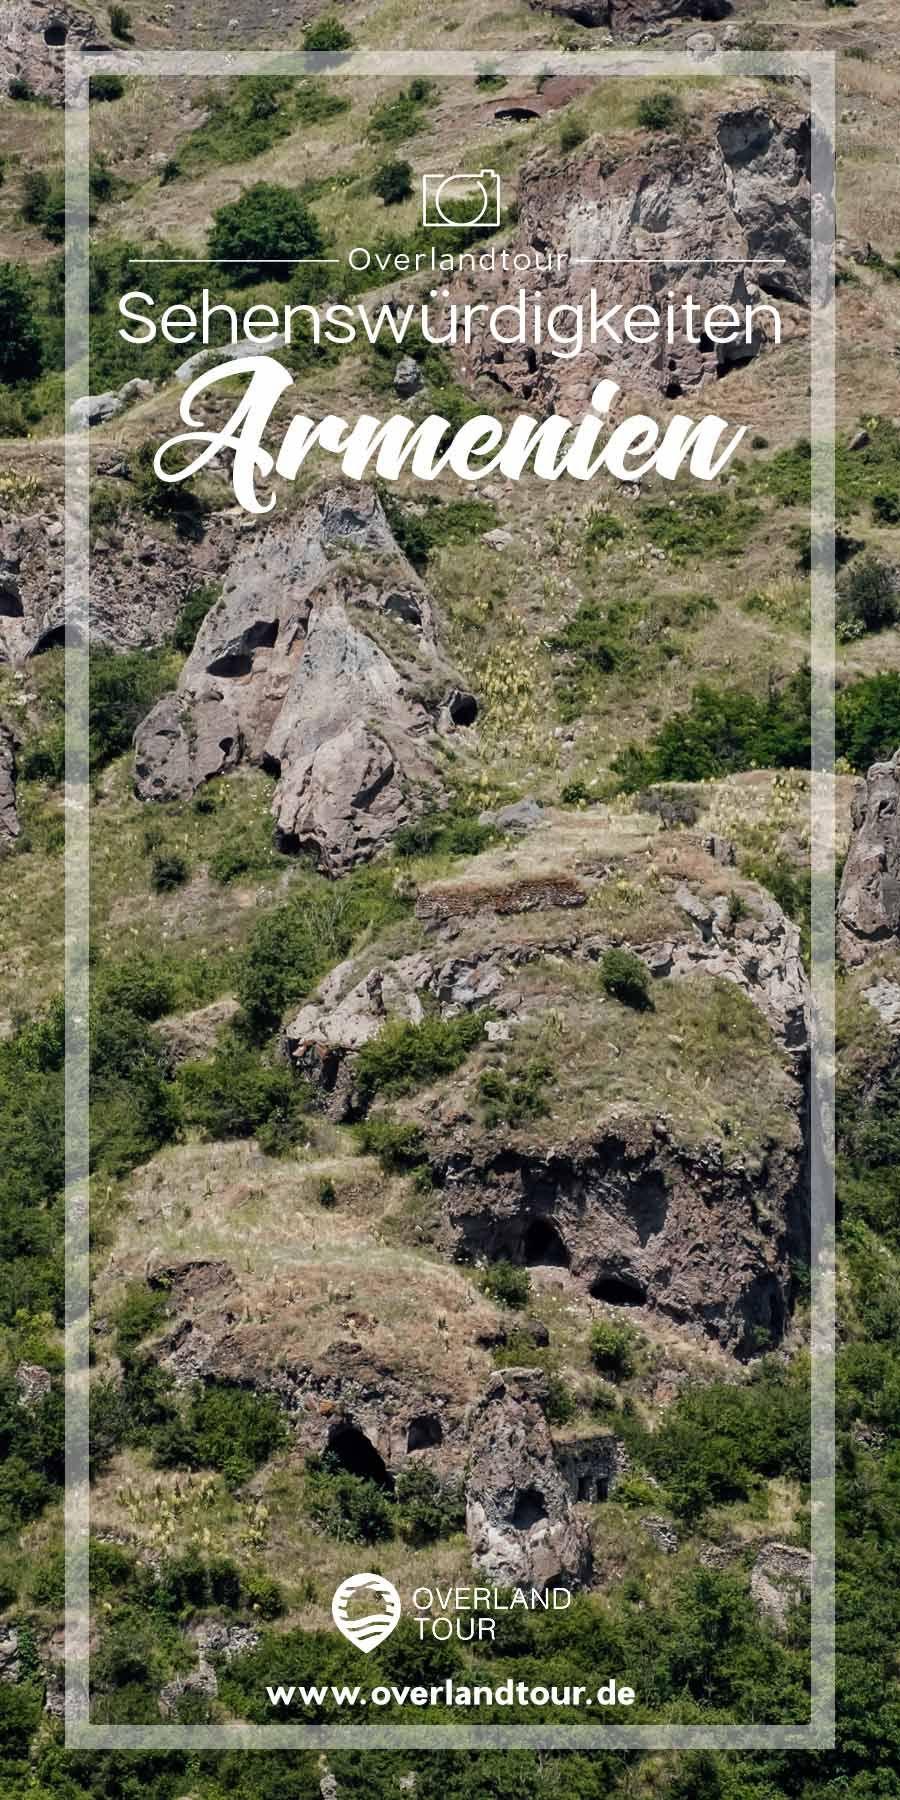 Armenien Sehenswurdigkeiten Rund Reise Route Overlandtour Reisen Armenien Sehenswurdigkeiten